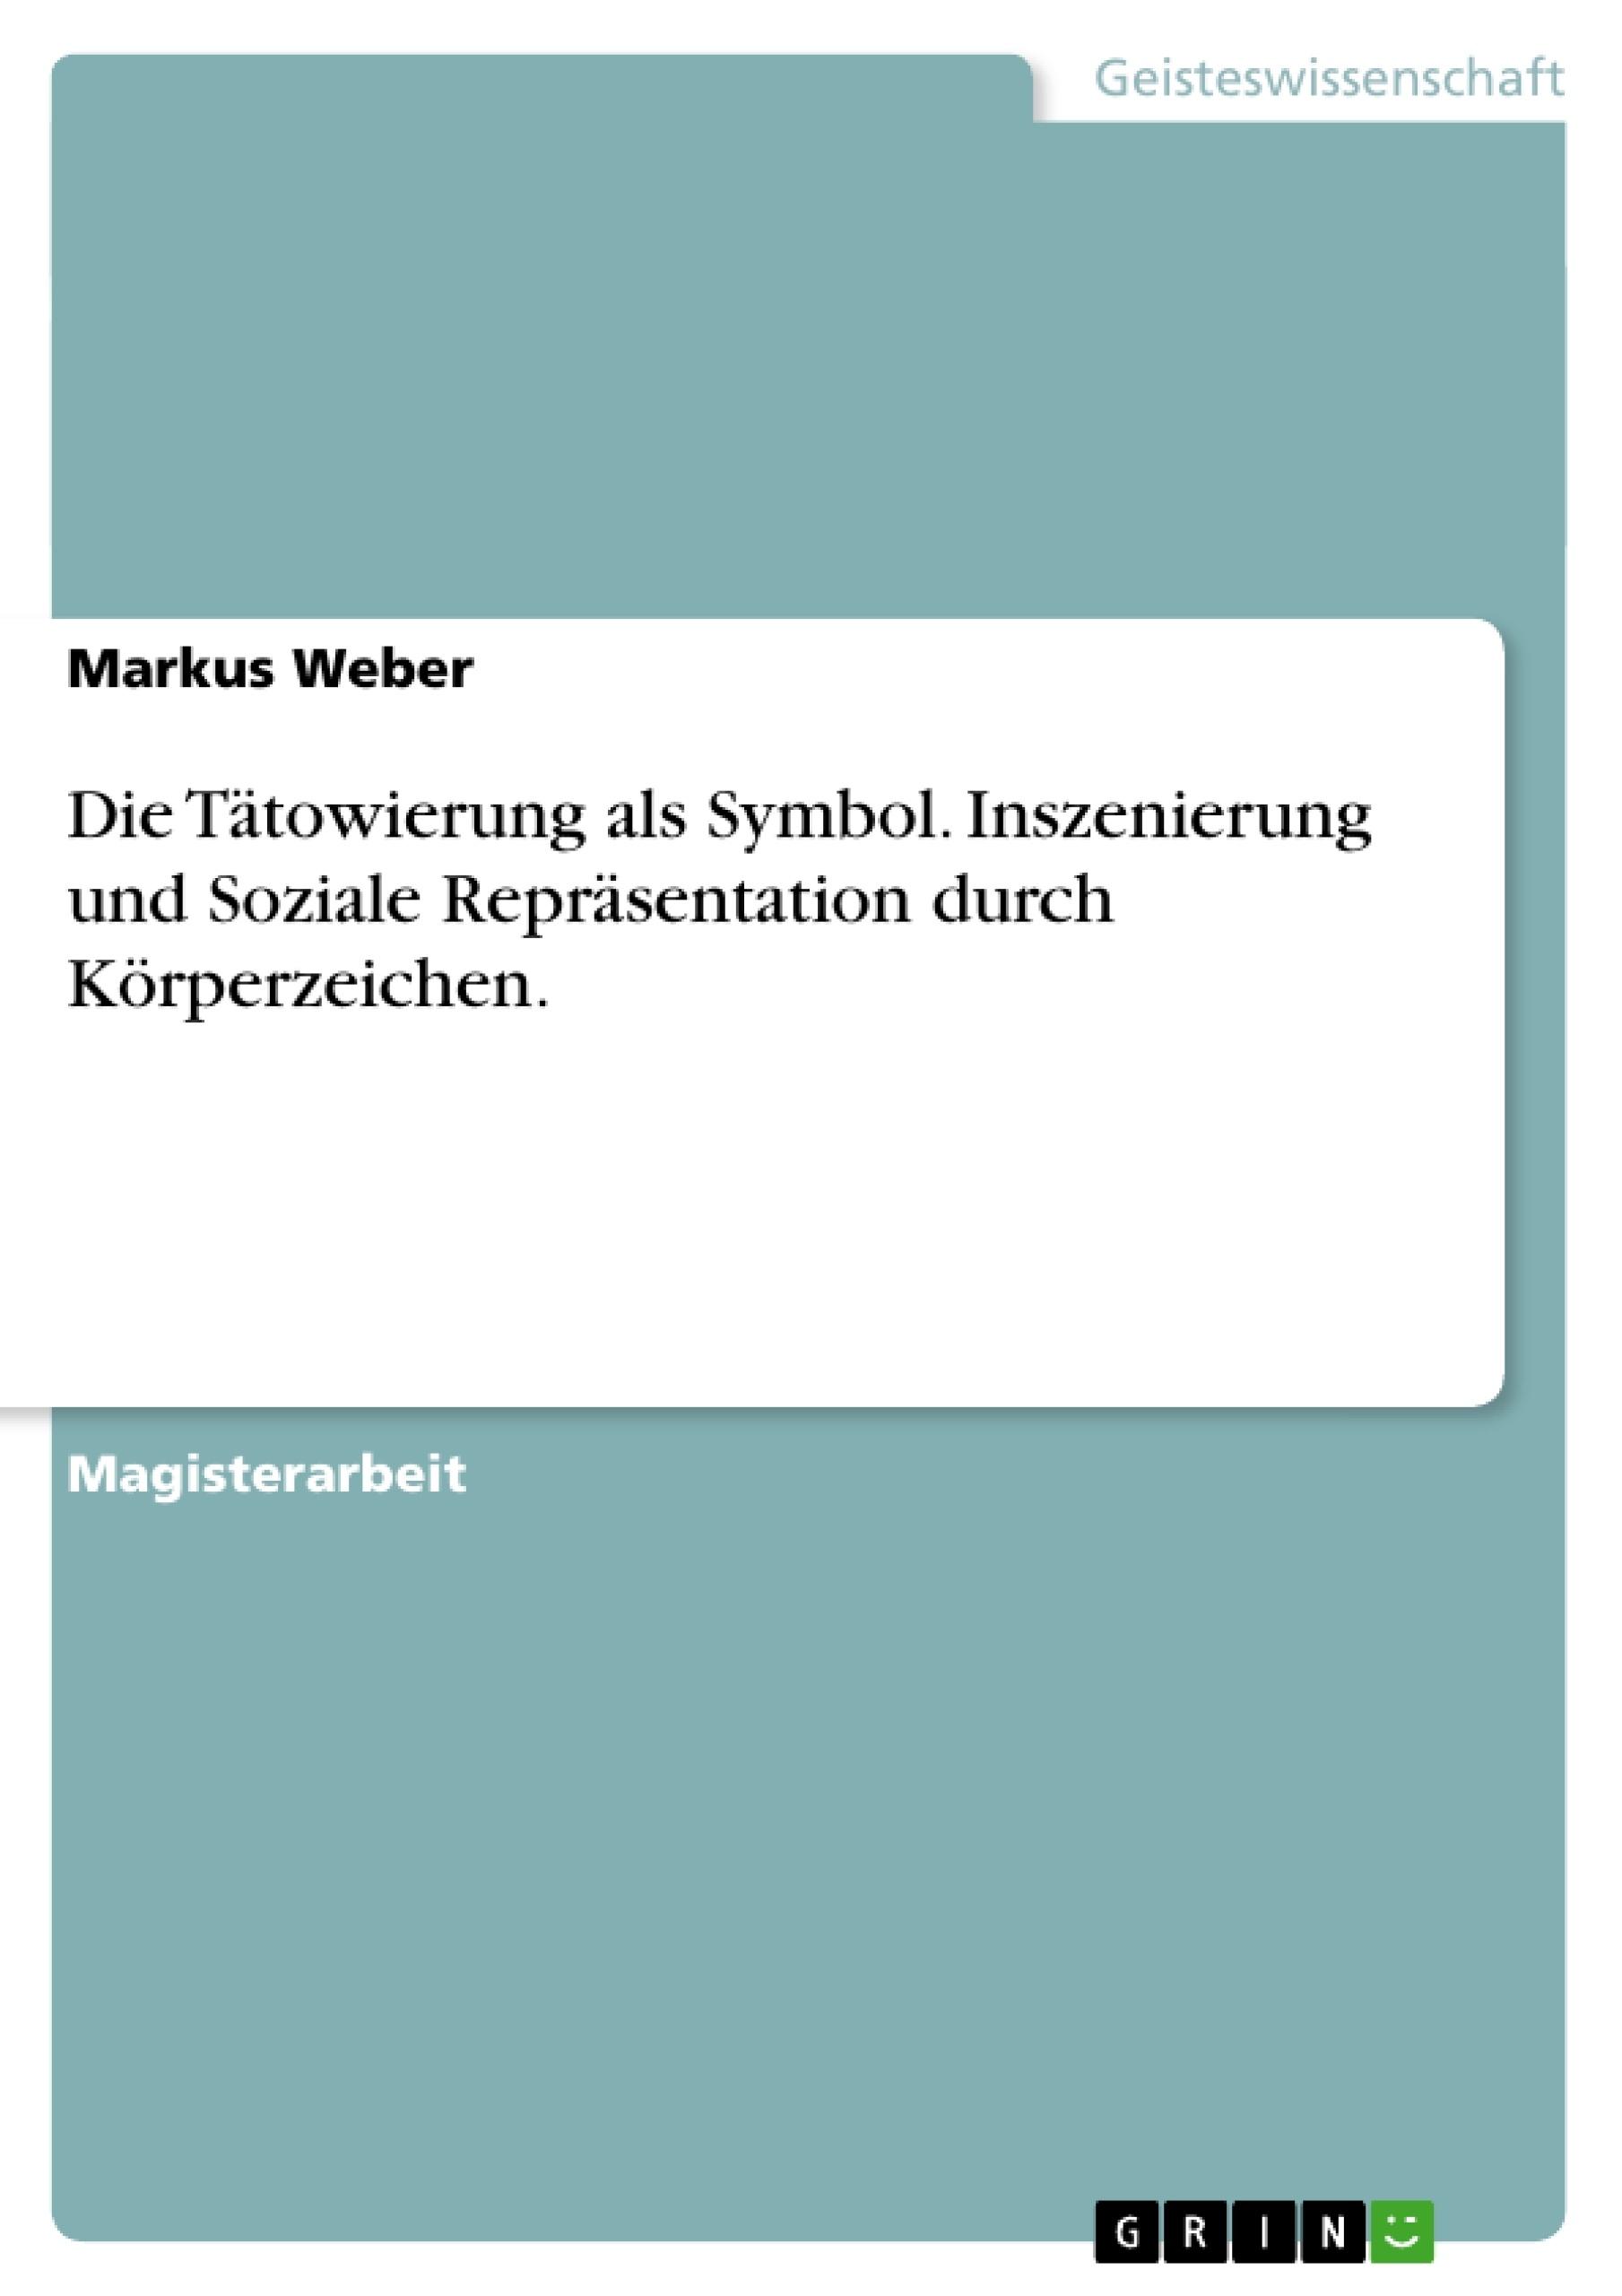 Titel: Die Tätowierung als Symbol. Inszenierung und Soziale Repräsentation durch Körperzeichen.